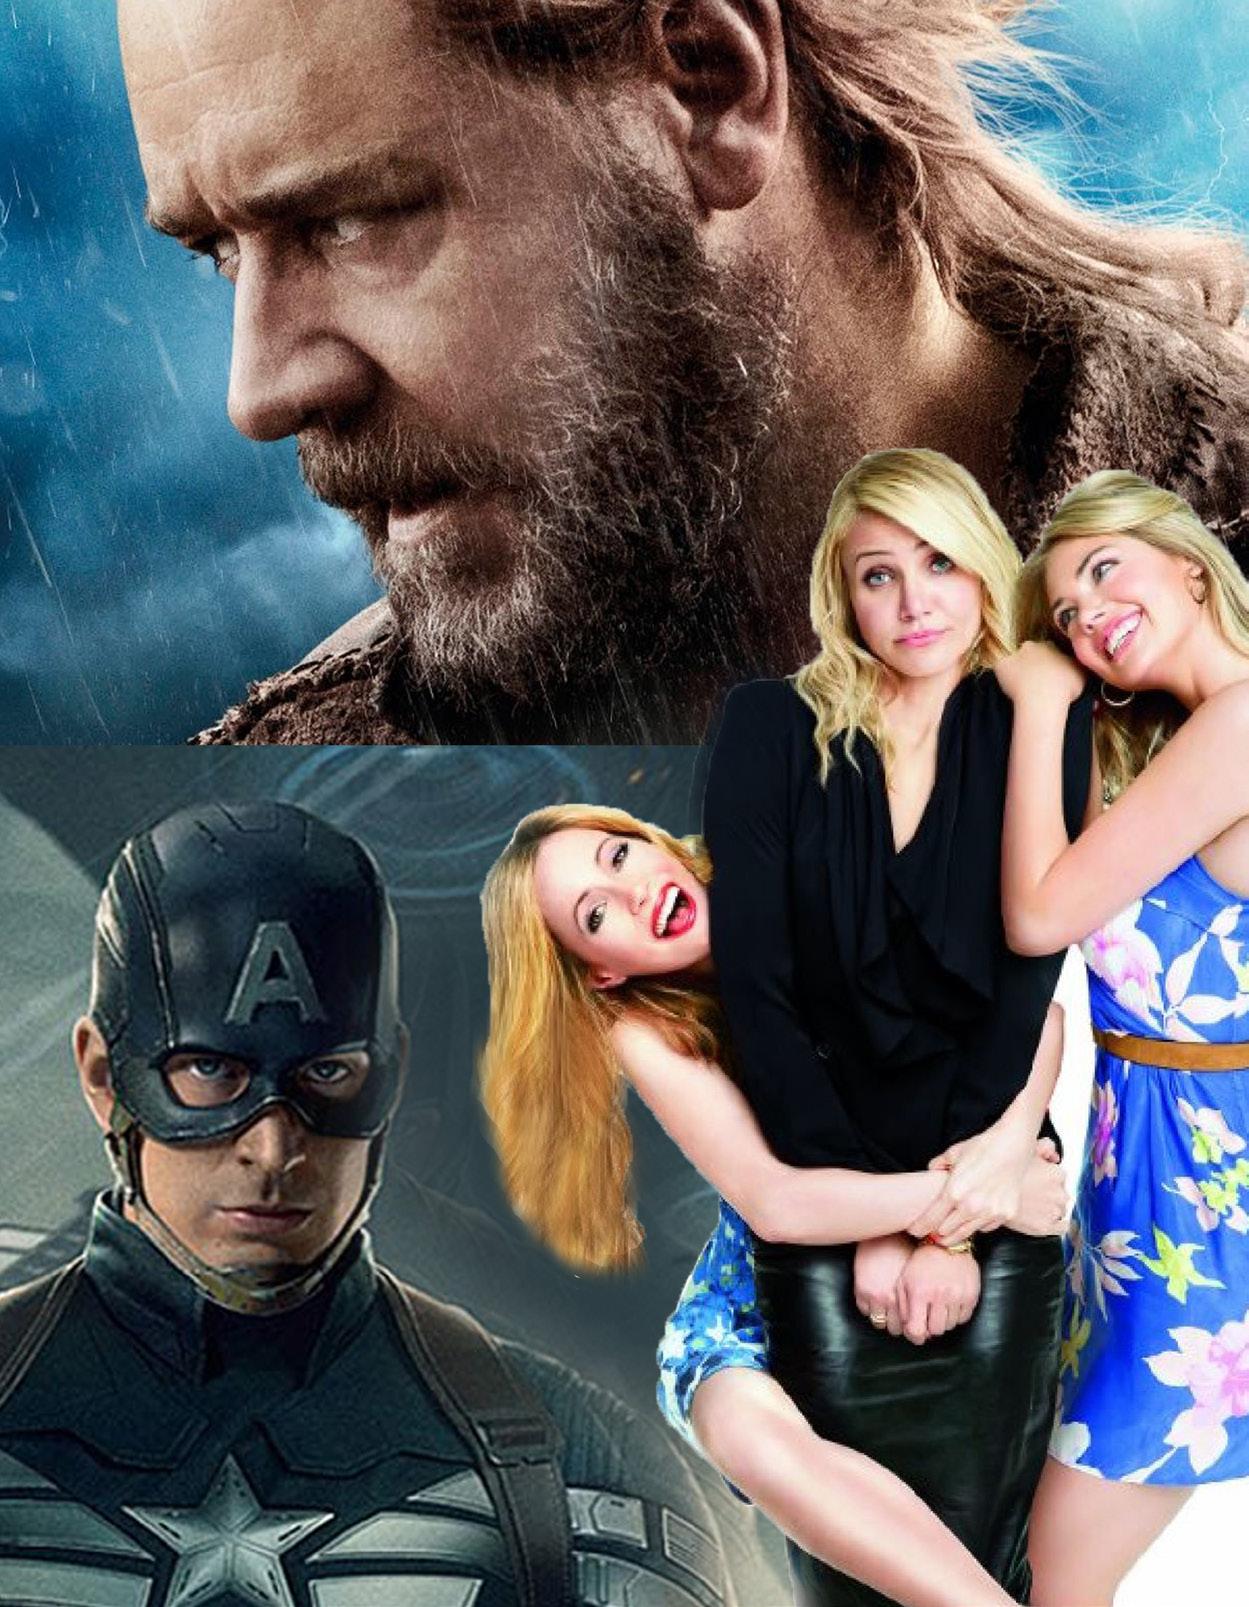 Film 135: Film Genres